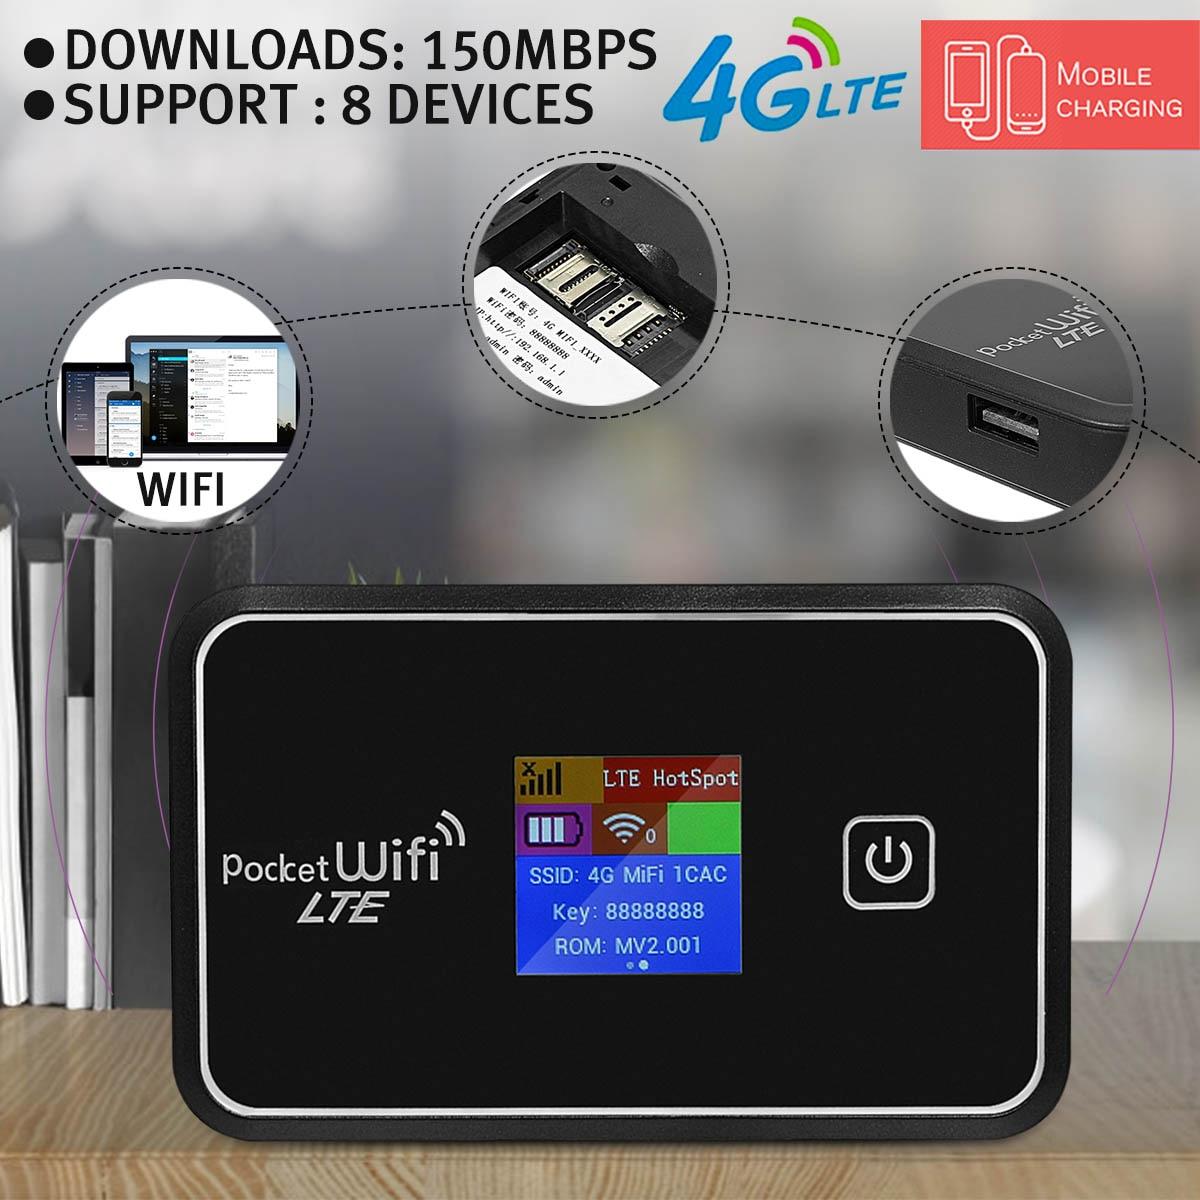 6 en 1 Portable 4G Mobile WiFi Module MIFI sans fil poche point chaud routeur haut débit LCD avec batterie pour smartphone